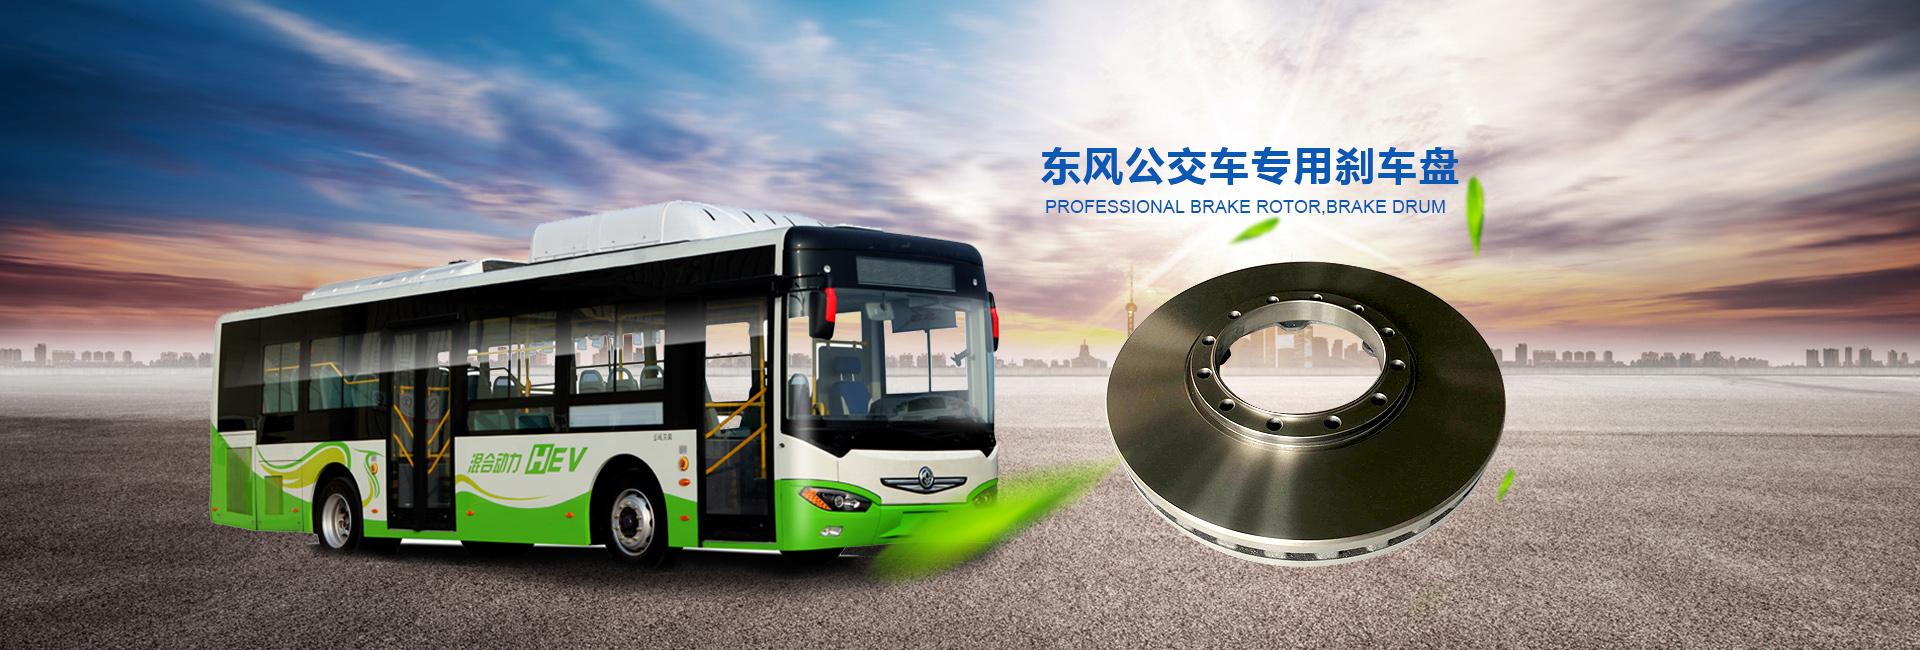 東風公交車